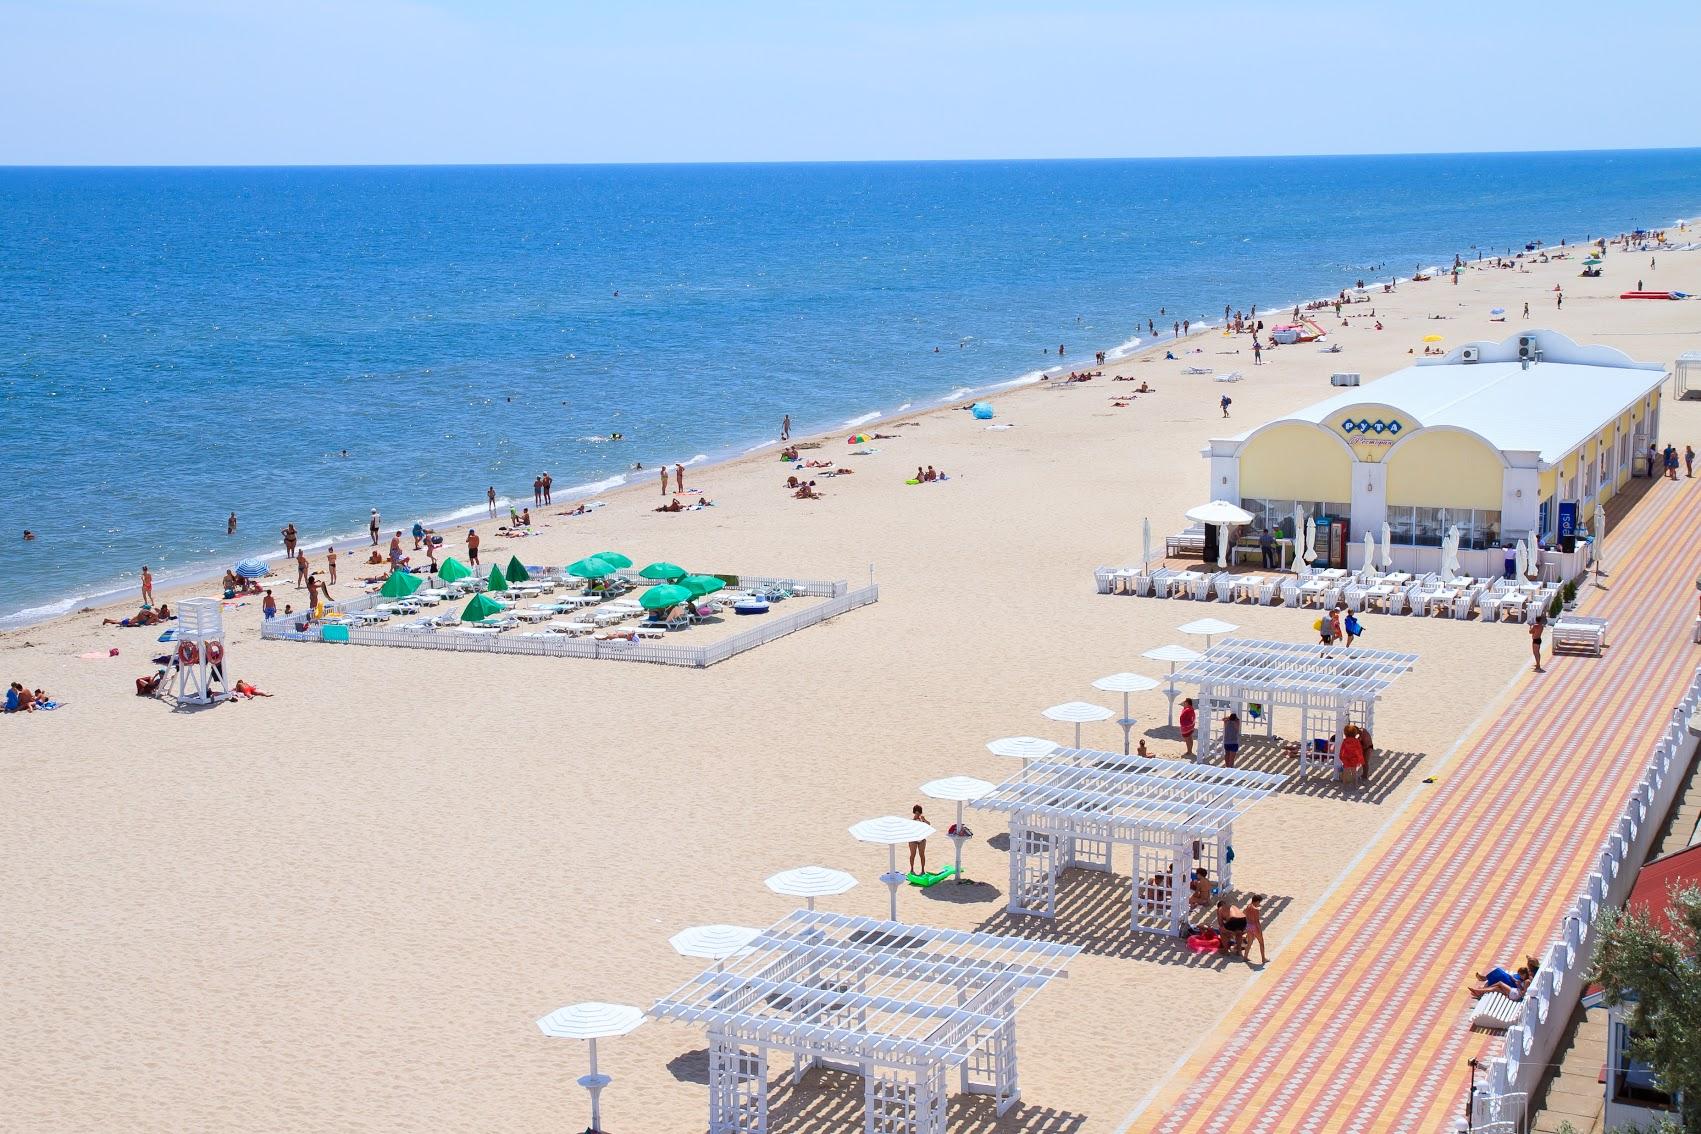 Картинки по запросу Ruta Family Club Hotel пляж